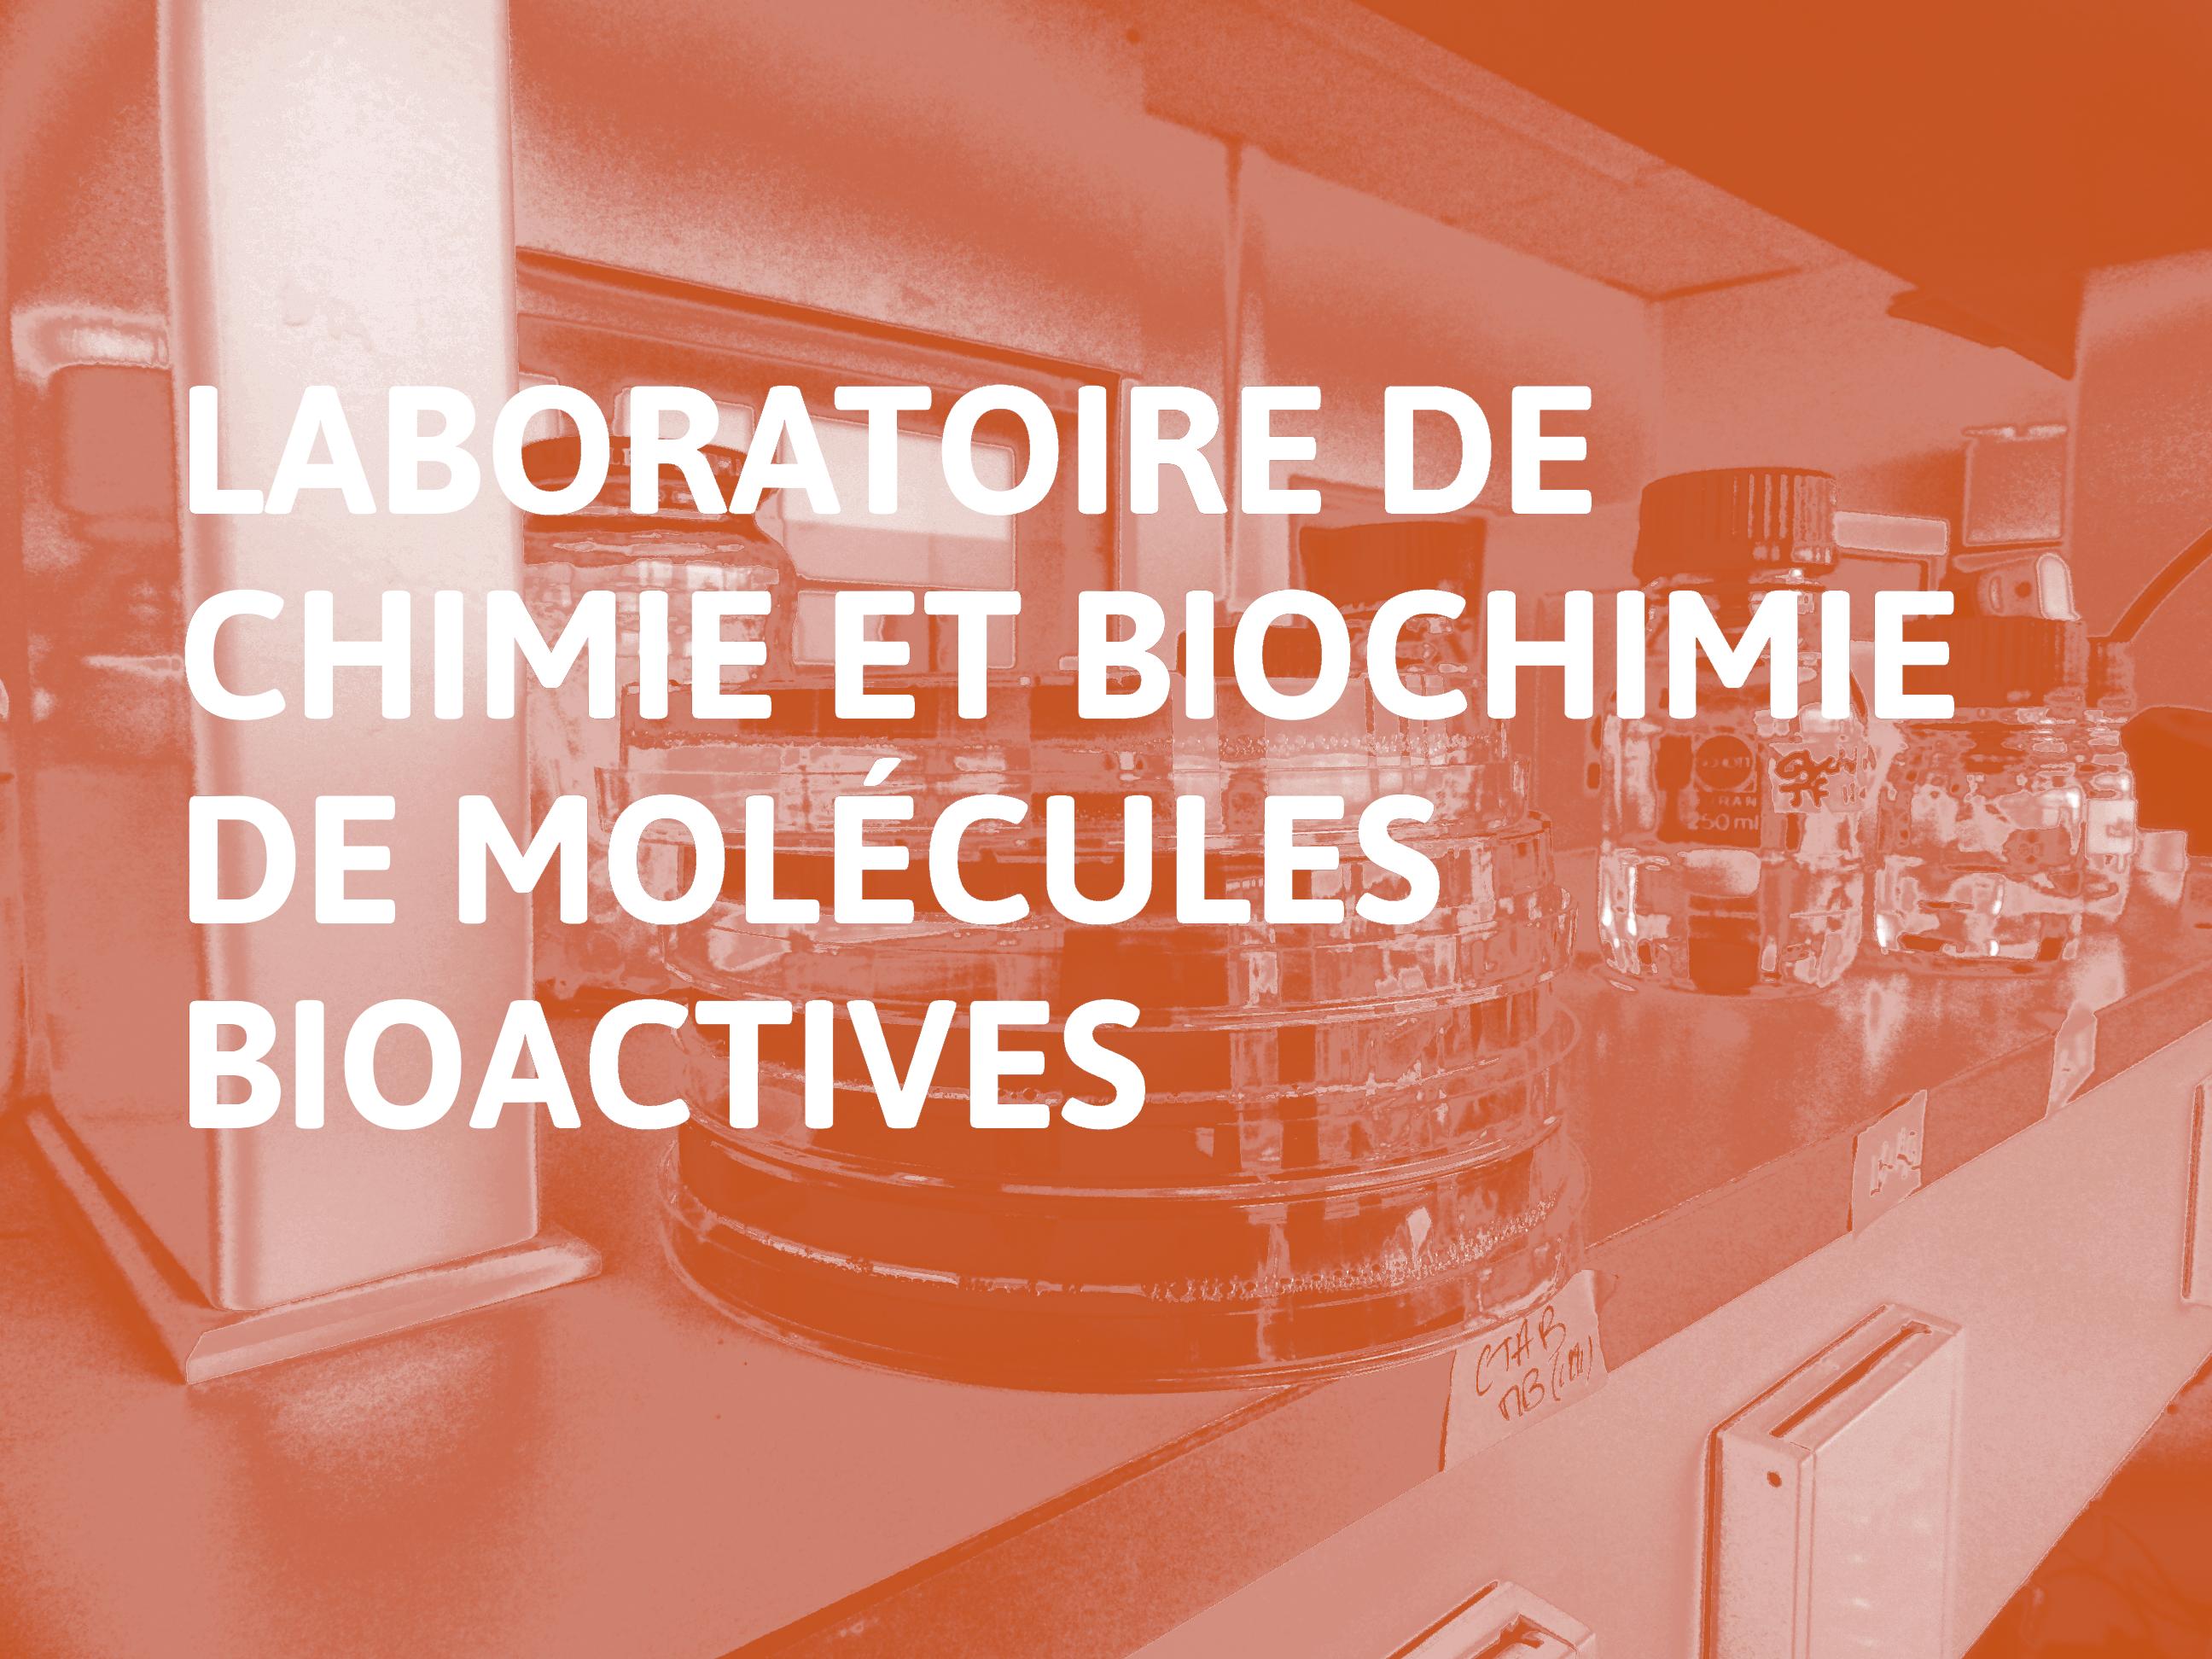 Laboratoire_de_Chimie_et_Biochimie_de_Molécules_Bioactives